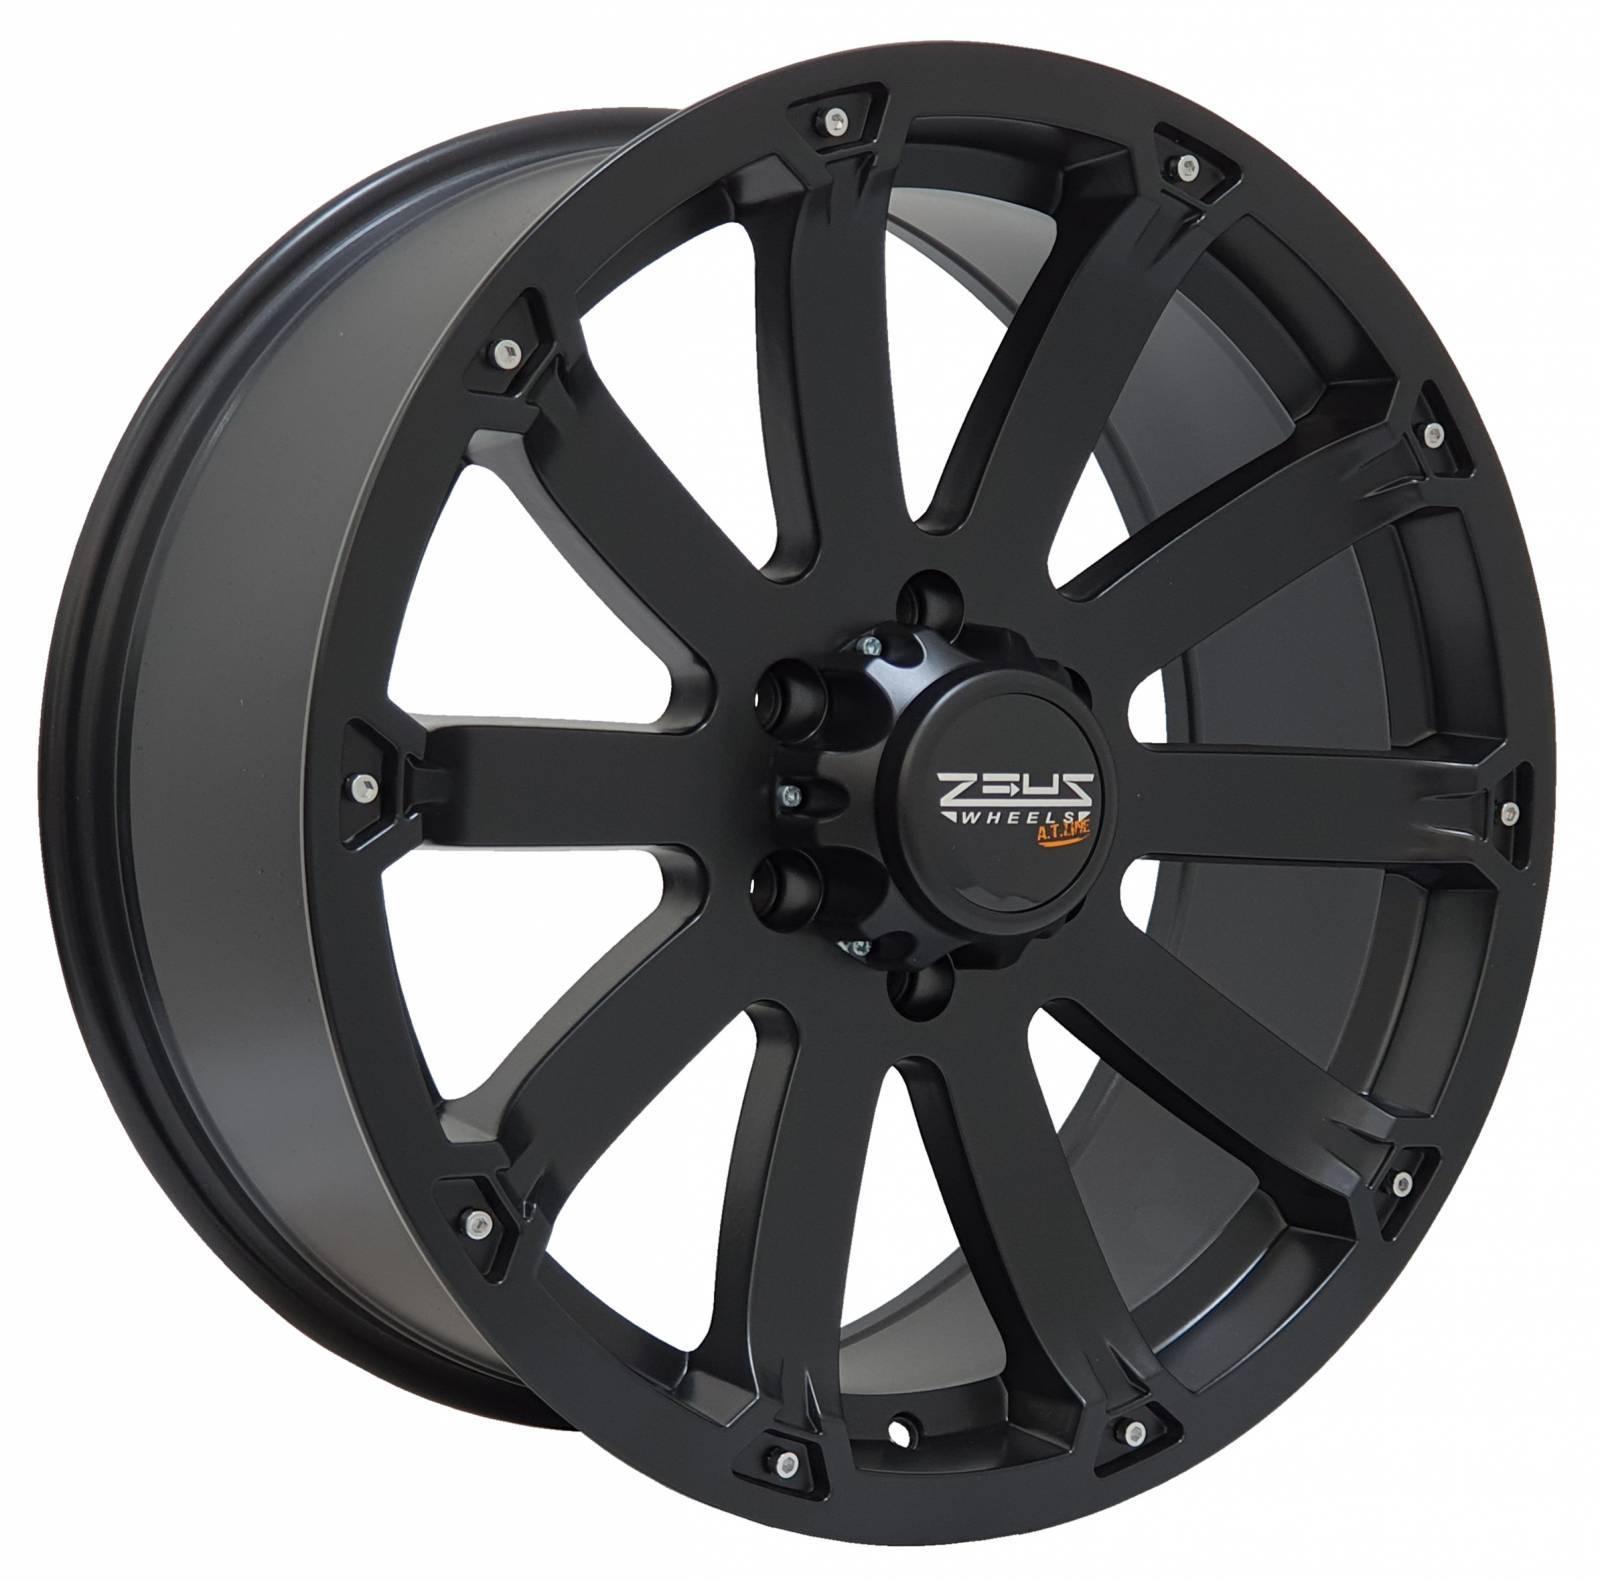 Jogo Rodas GM S10/Blazer Black Rhino Sidewinder 20x8,5 6x139 Preto Semi-Brilho